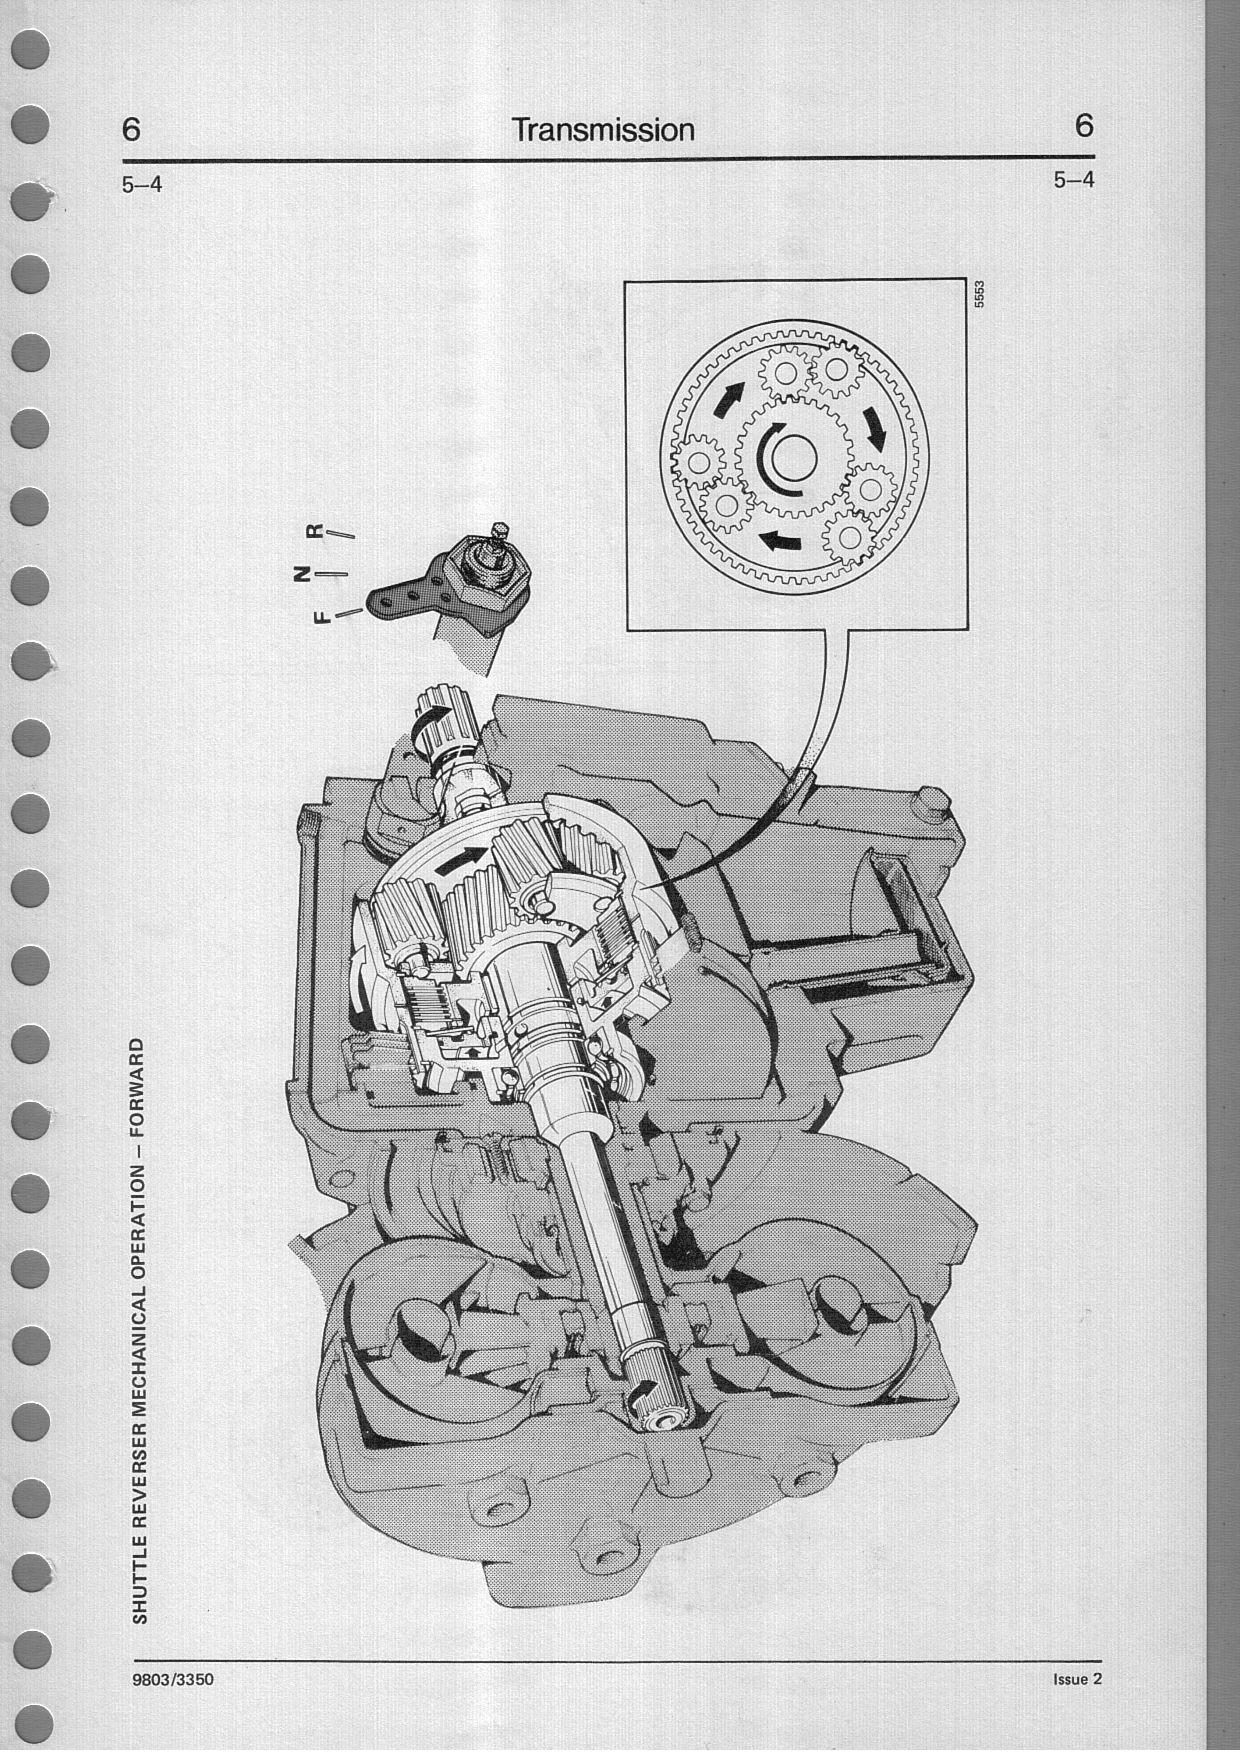 1987 Jcb 1400b Backhoe